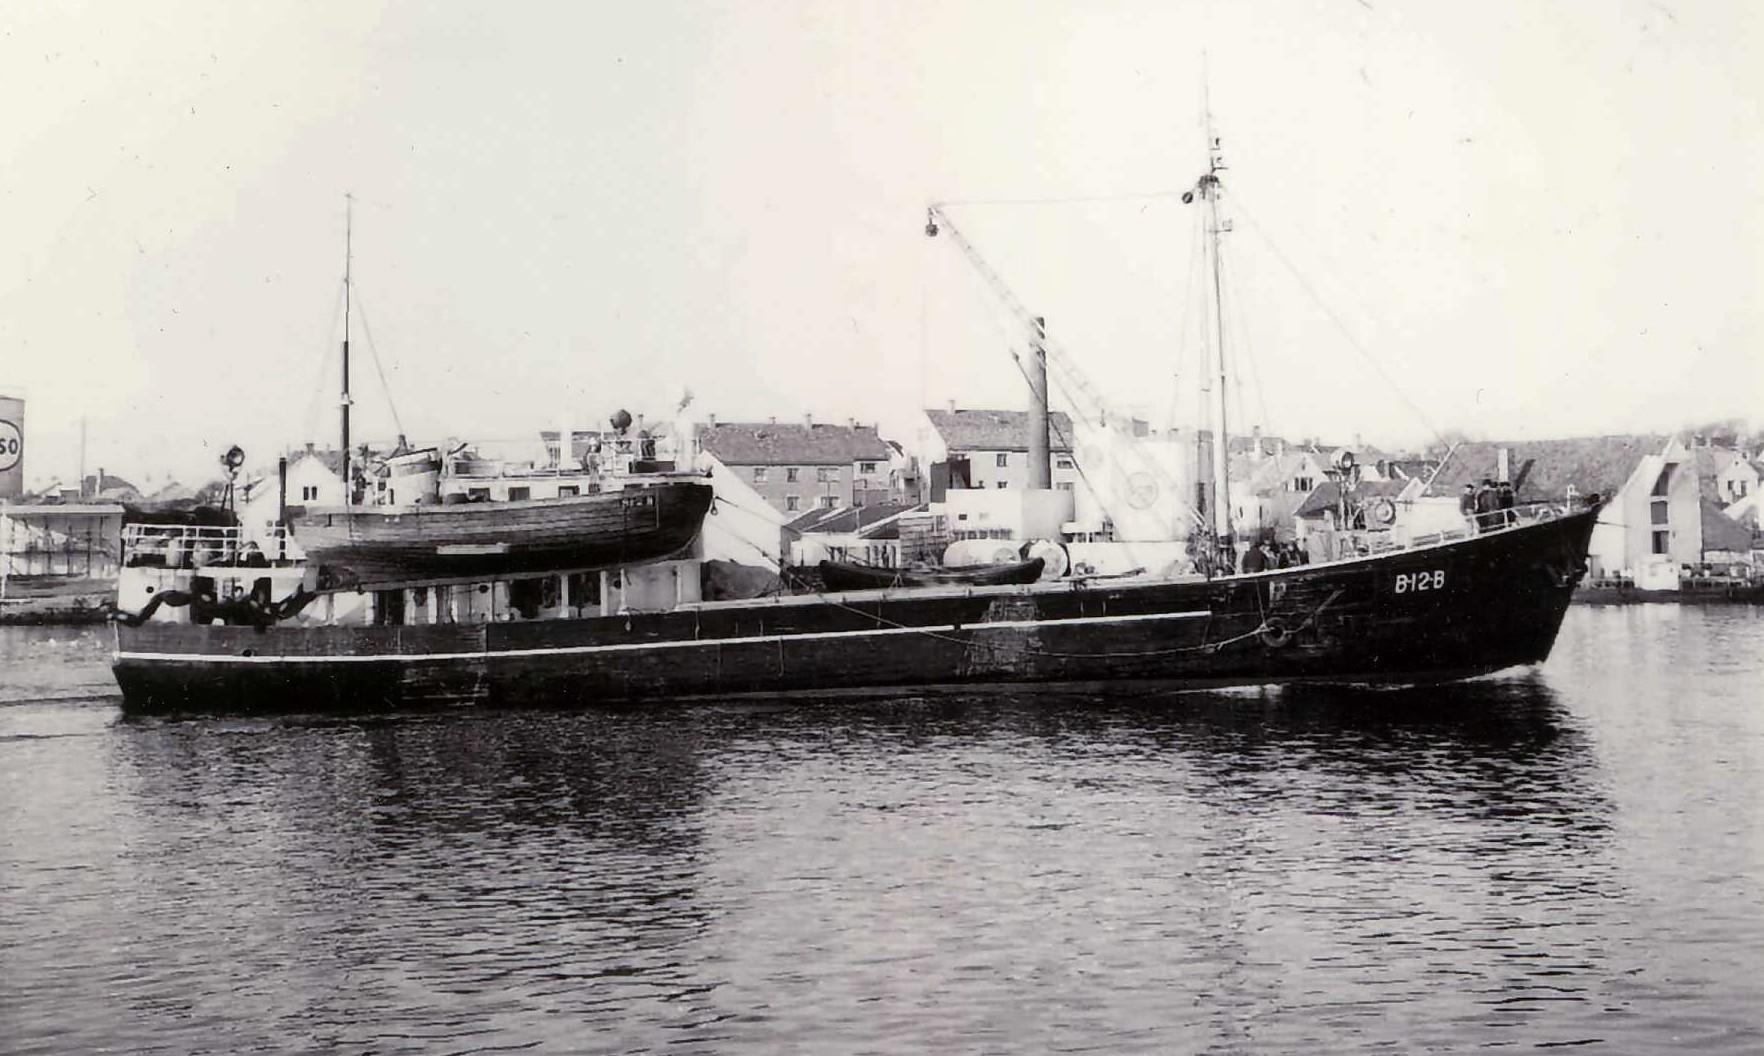 MMS 216 Norulf